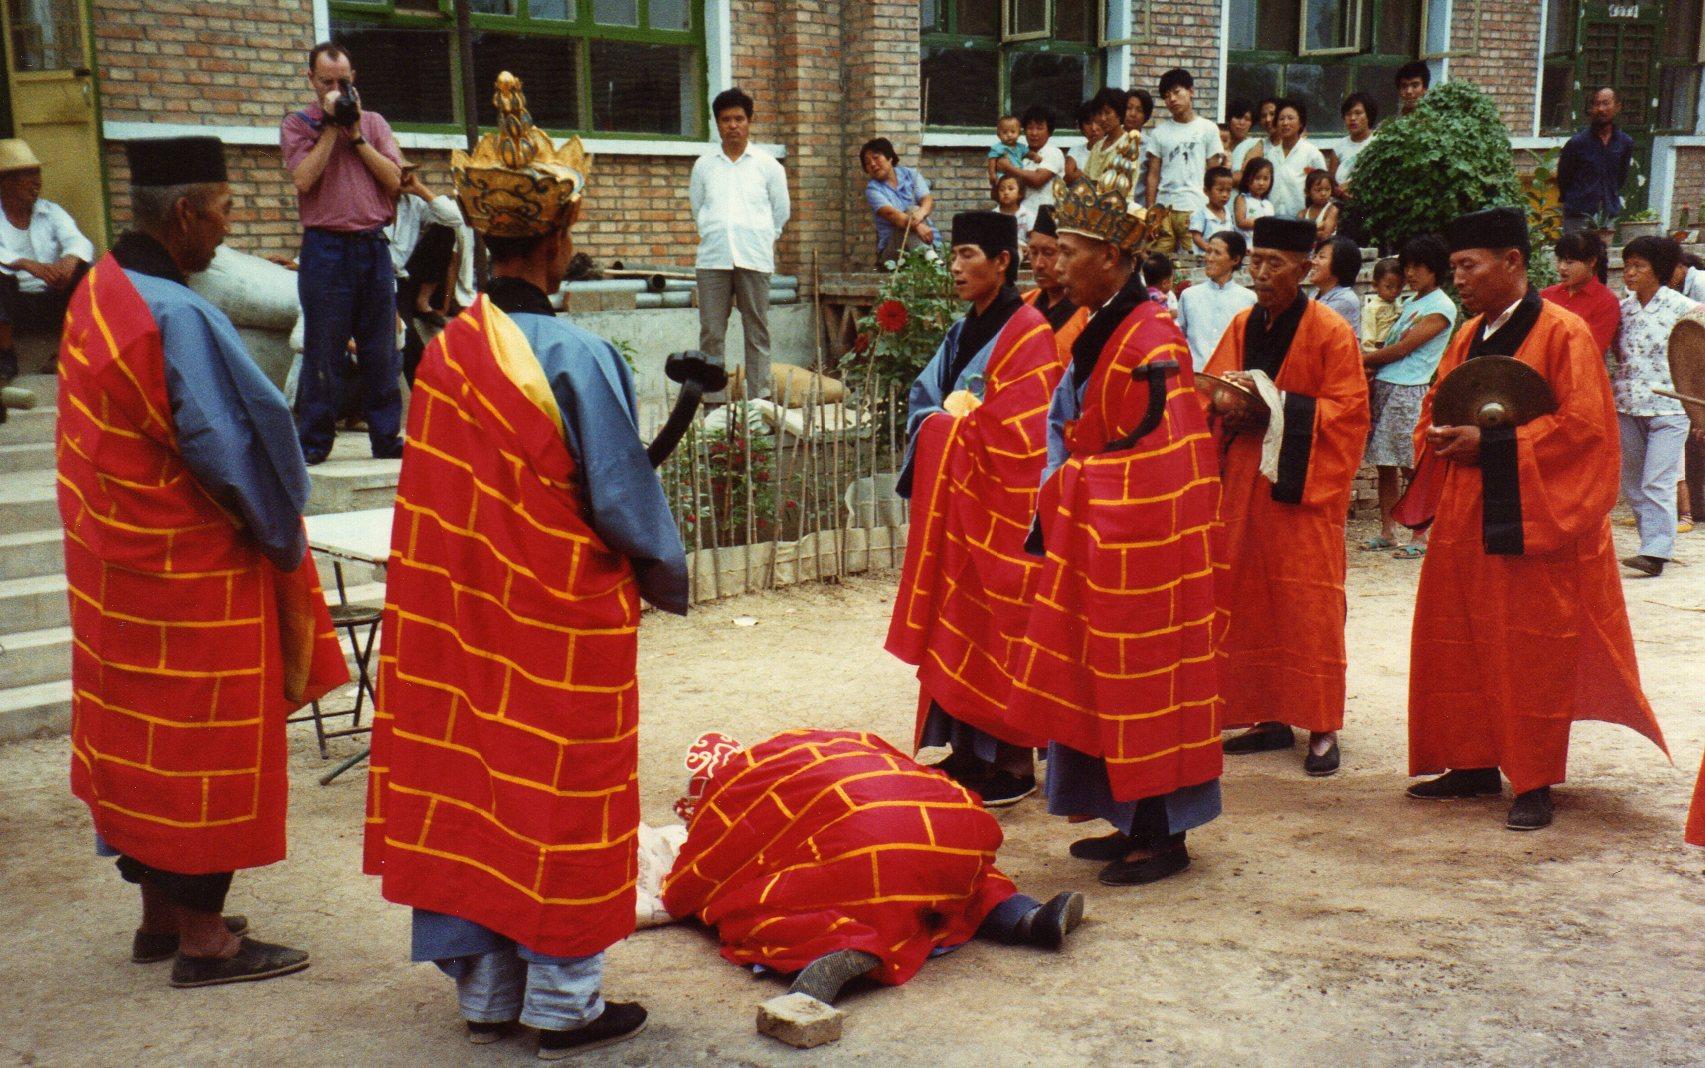 Gaoqiao ritual